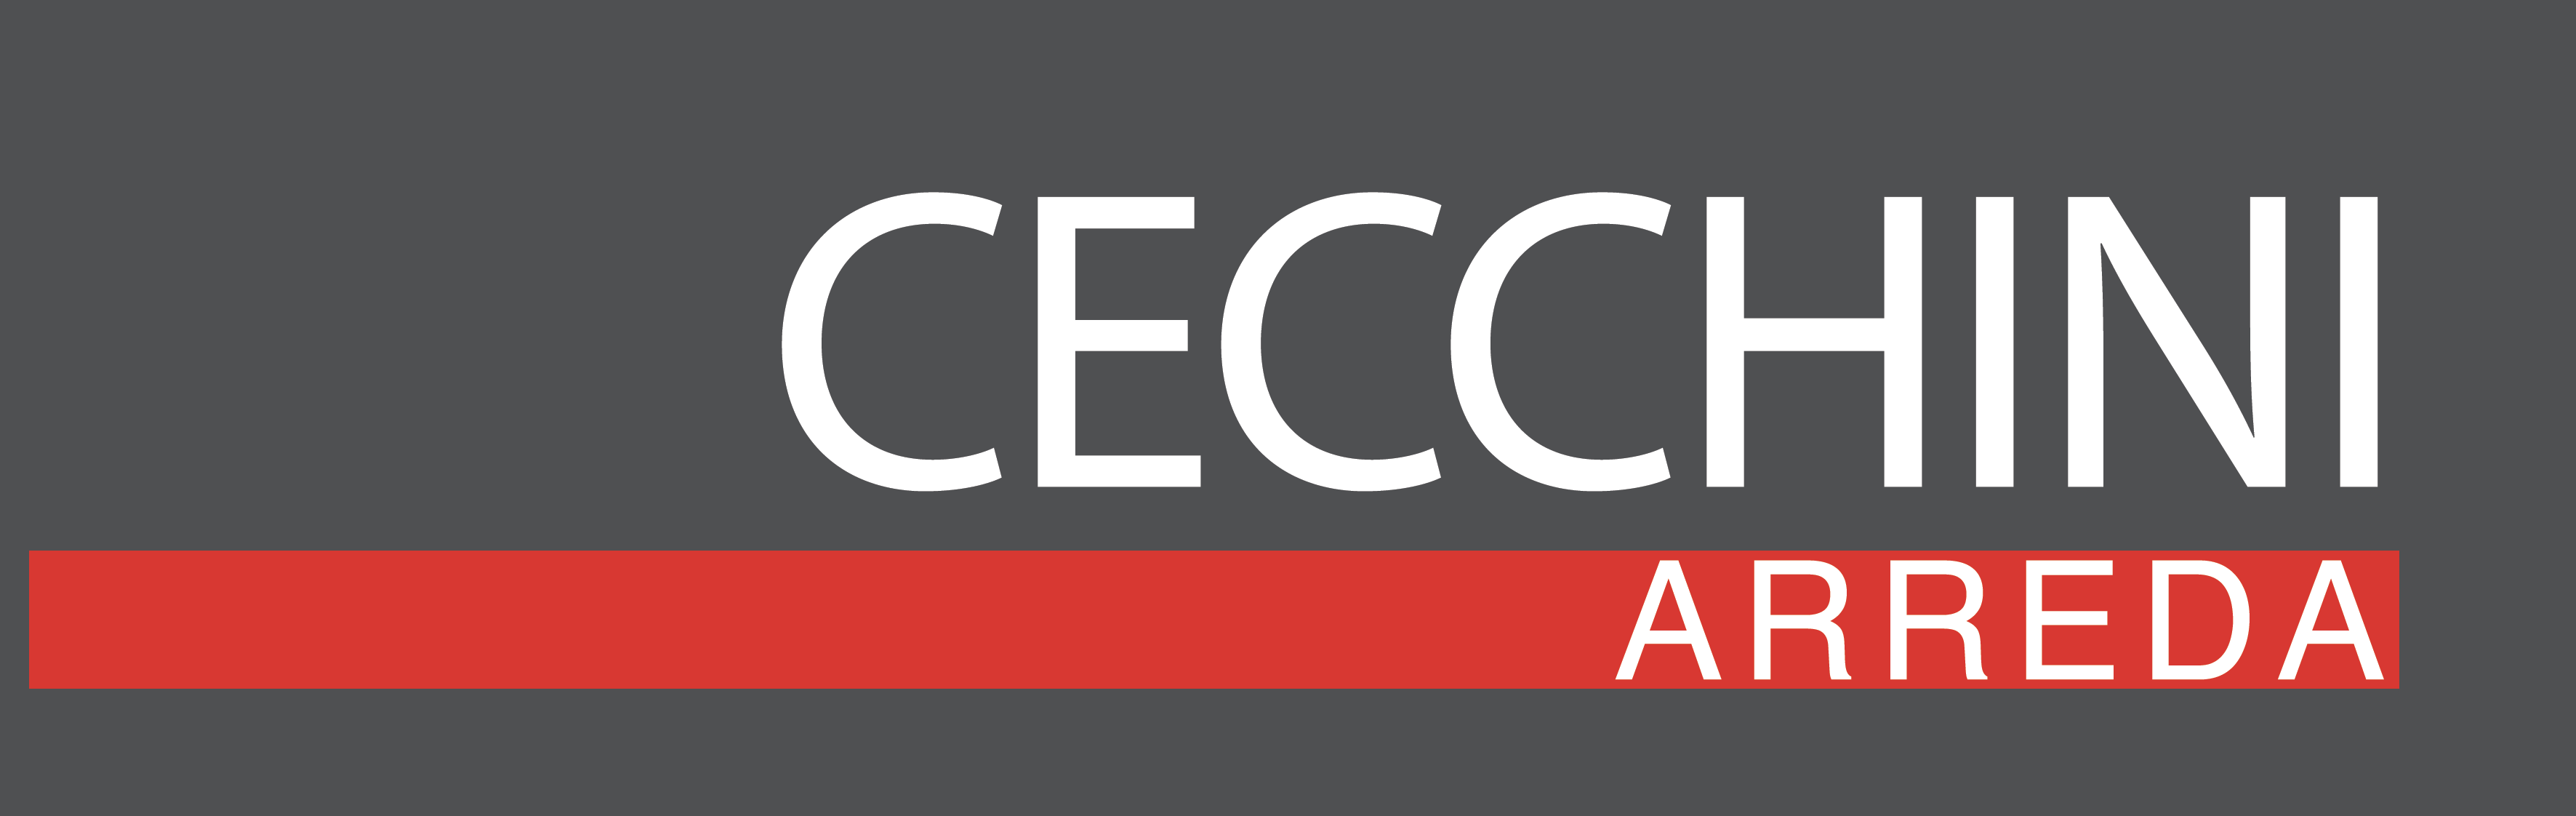 Cecchini Arreda